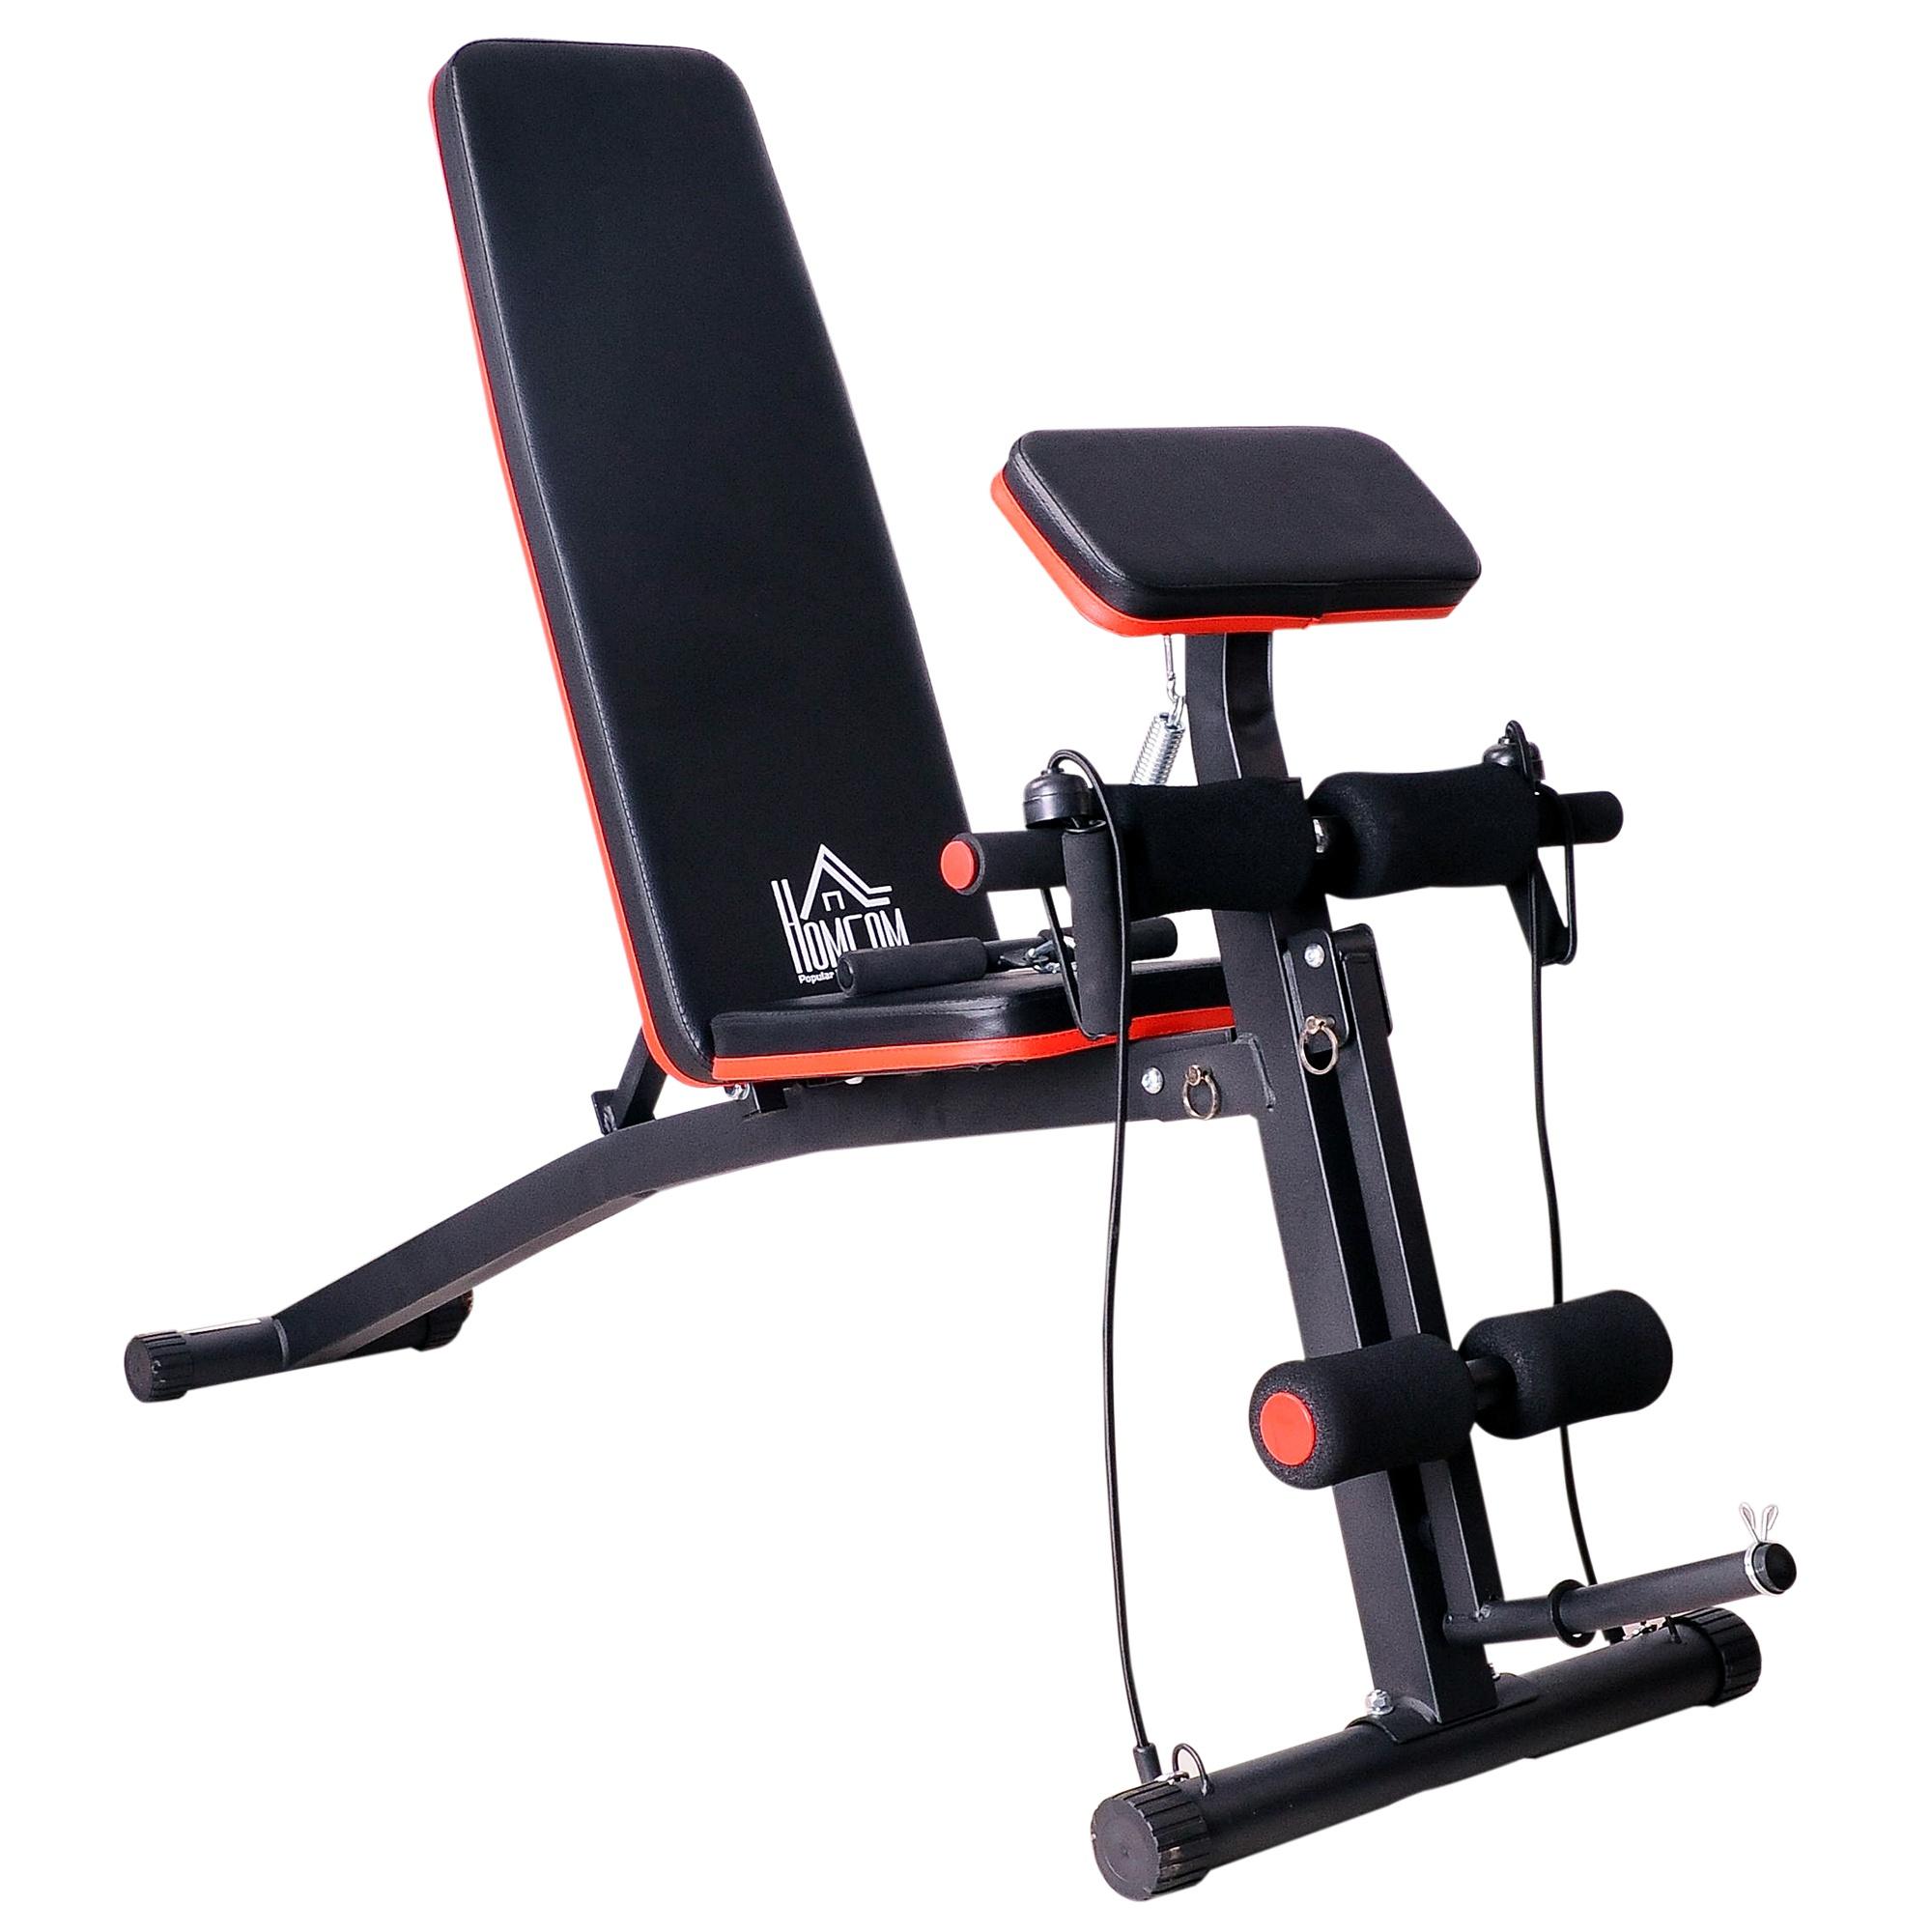 Foldable 6 Incline Adjustable Workout Dumbbell Bench for £51.99 delivered using code (UK Mainland only) @ eBay/2011homcom